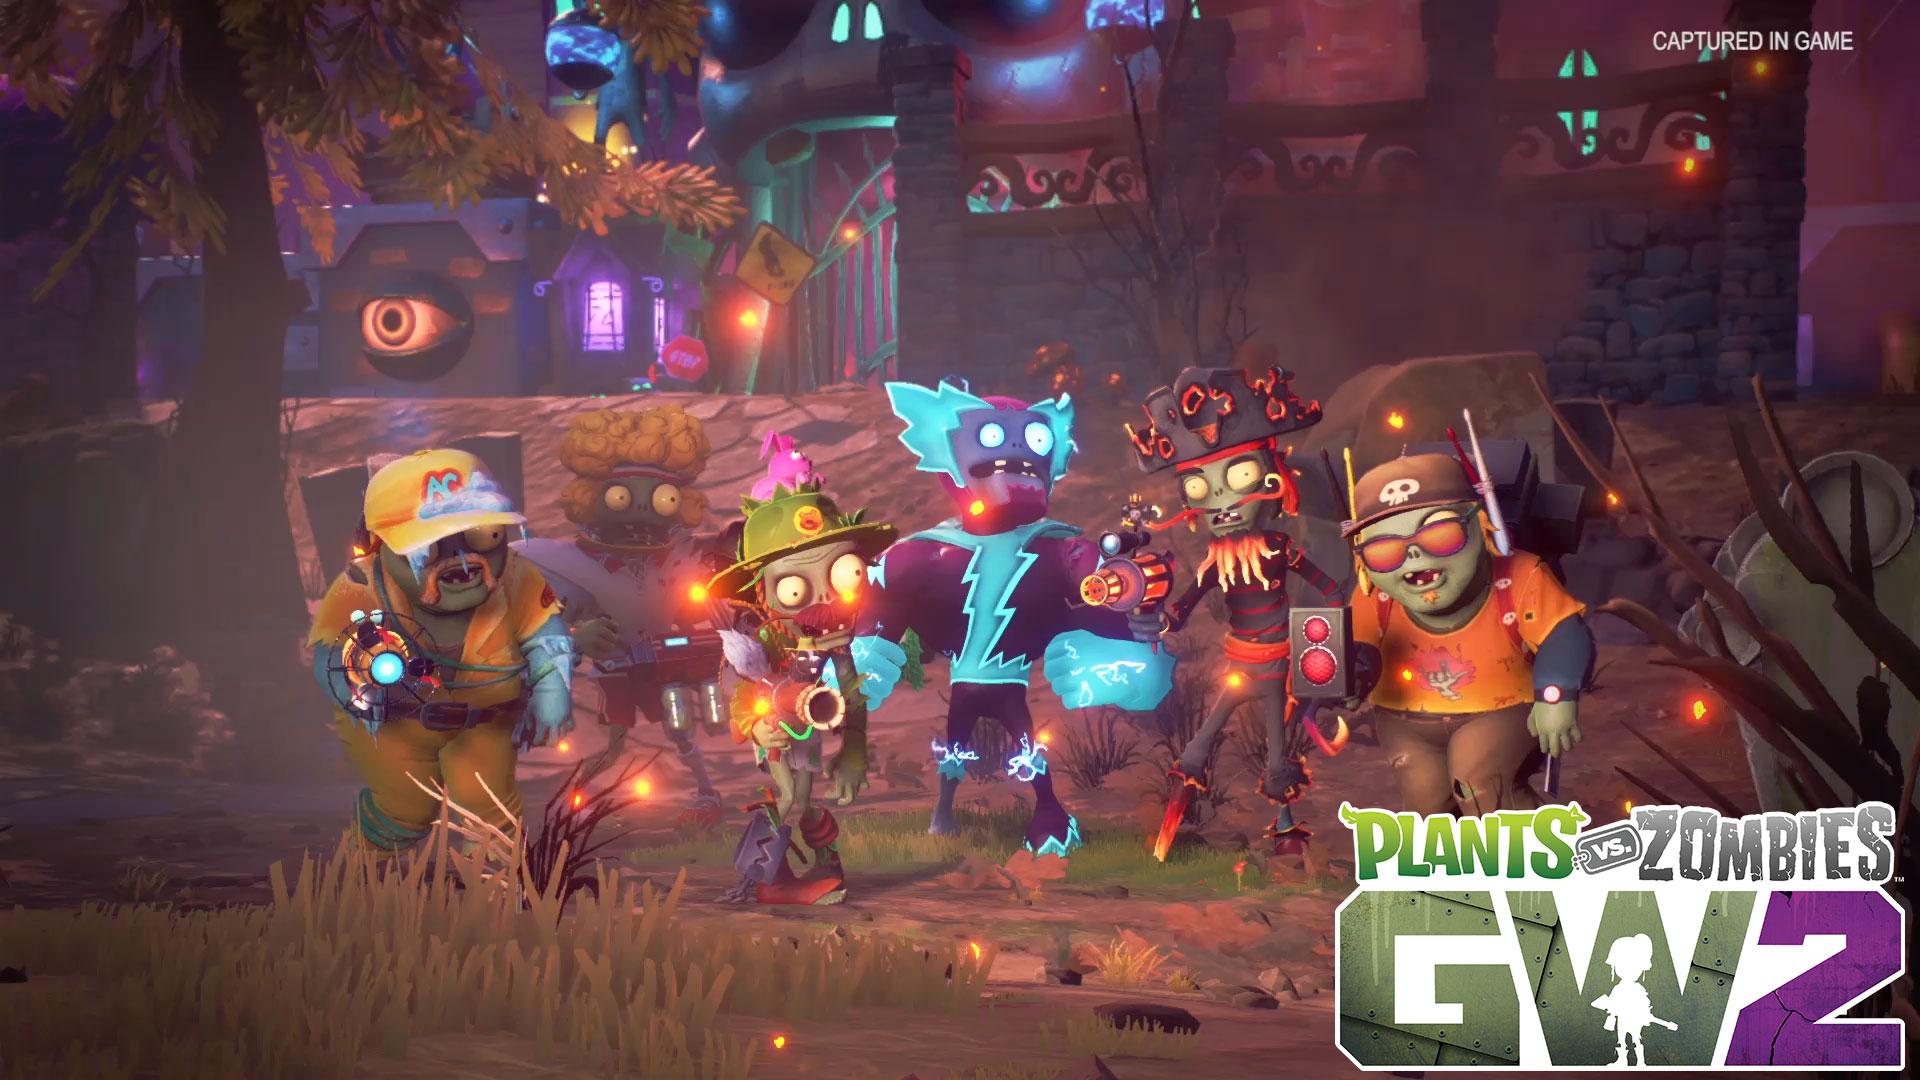 Découvrez Les Nouvelles Variantes De Zombies Dans Plants Vs Zombies